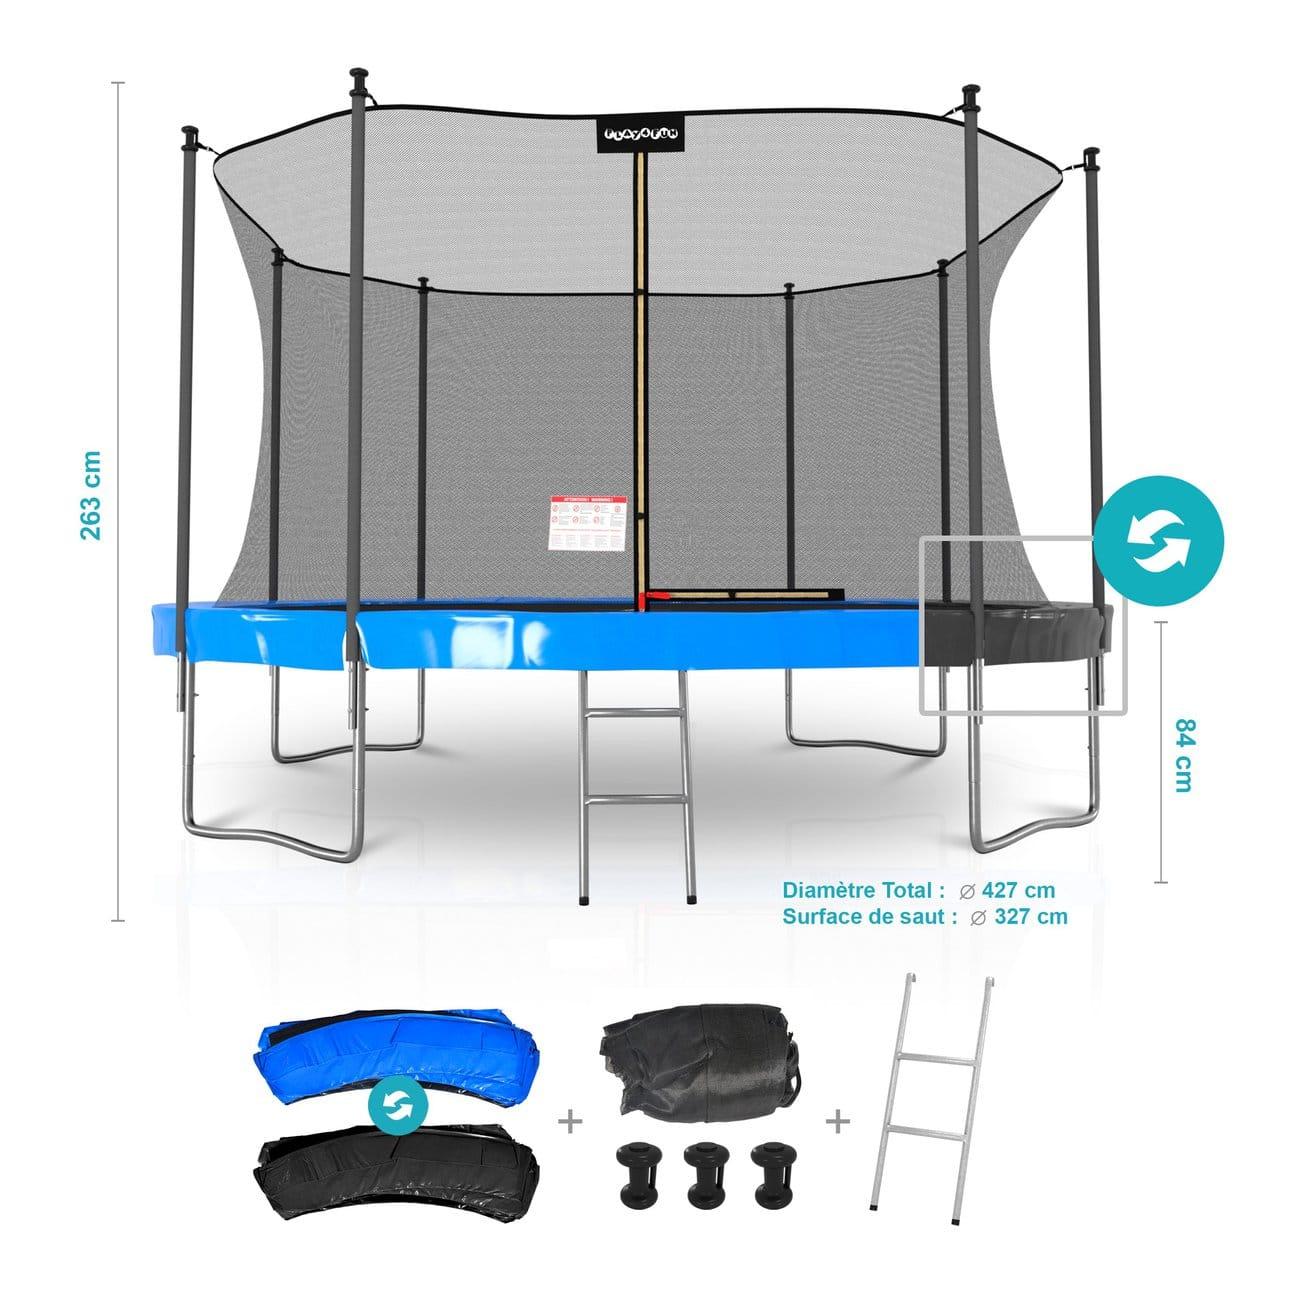 Trampoline Classique de Jardin Play4Fun - 14ft, Ø427cm, Matelas Réversible, Echelle, Filet de Sécurité, Tapis de saut (Vendeur tiers)